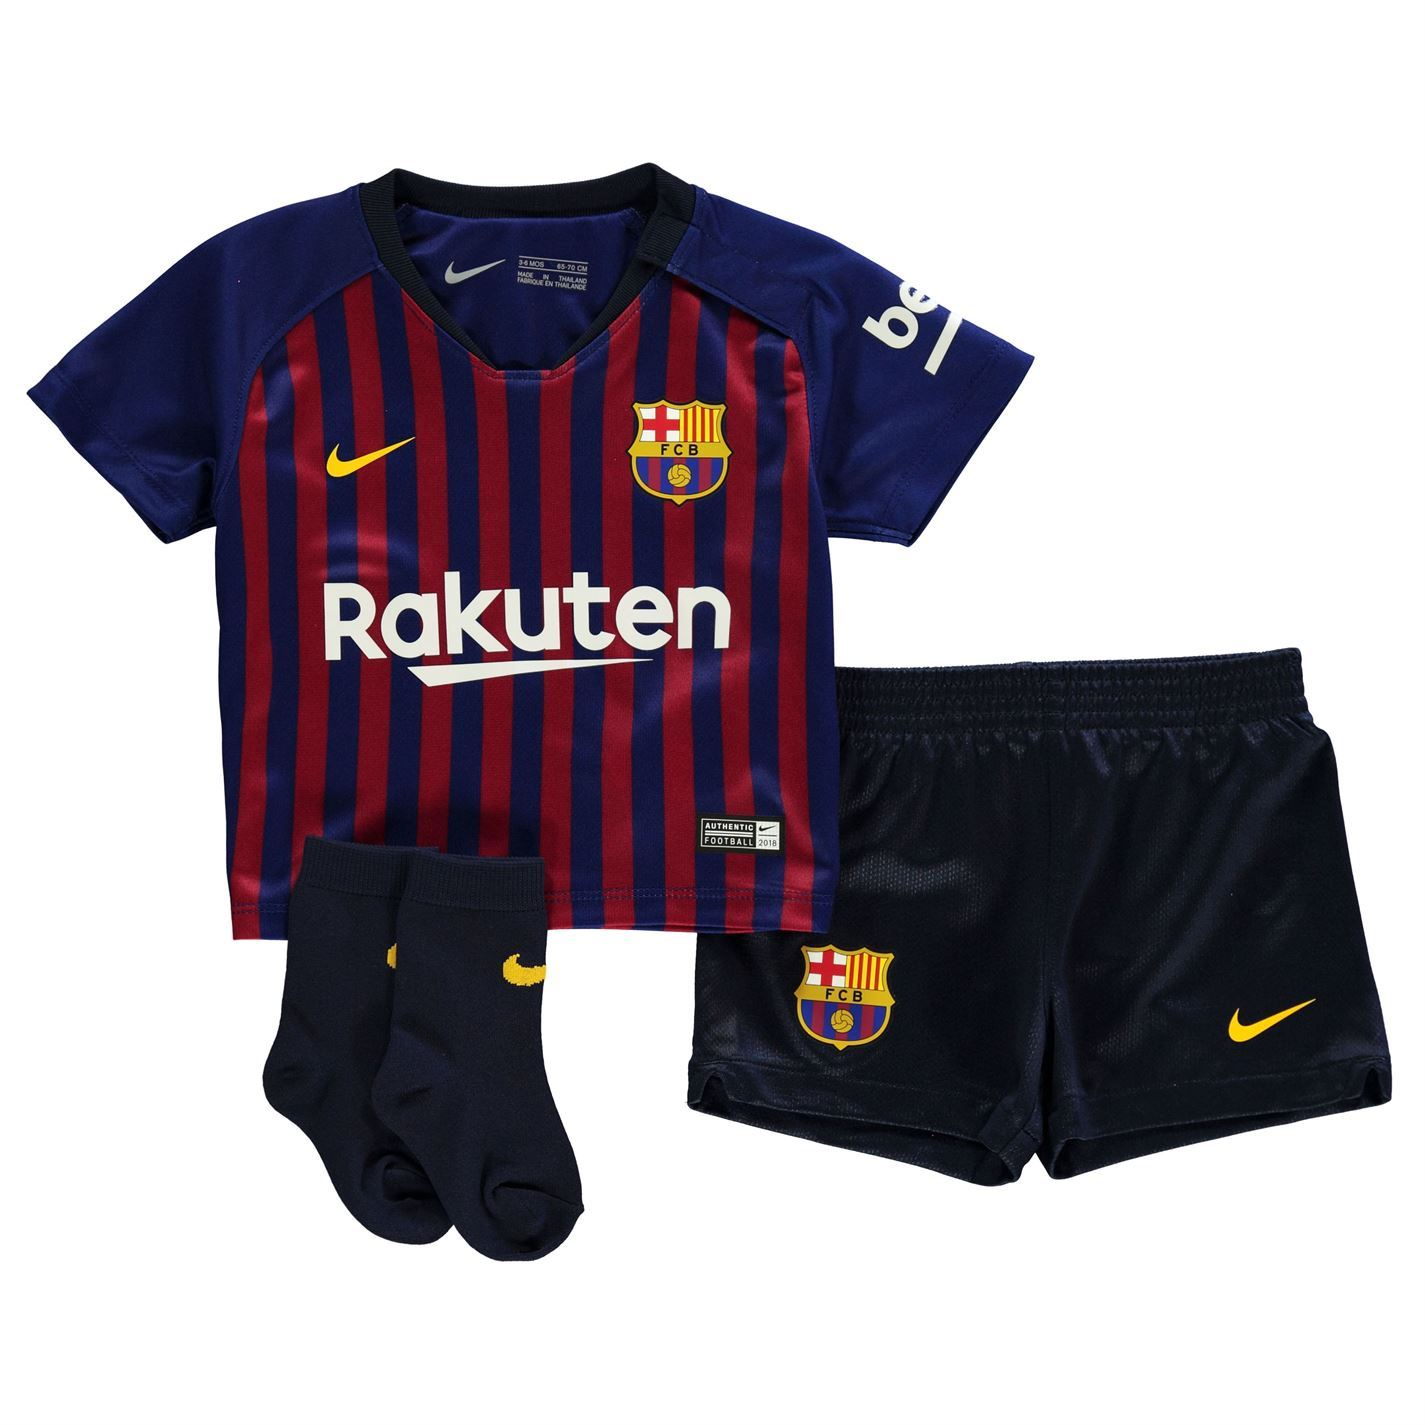 e04c4852e15 Nike Barcelona Home Baby Kit 2018 2019 Infants Blue Football Soccer Strip